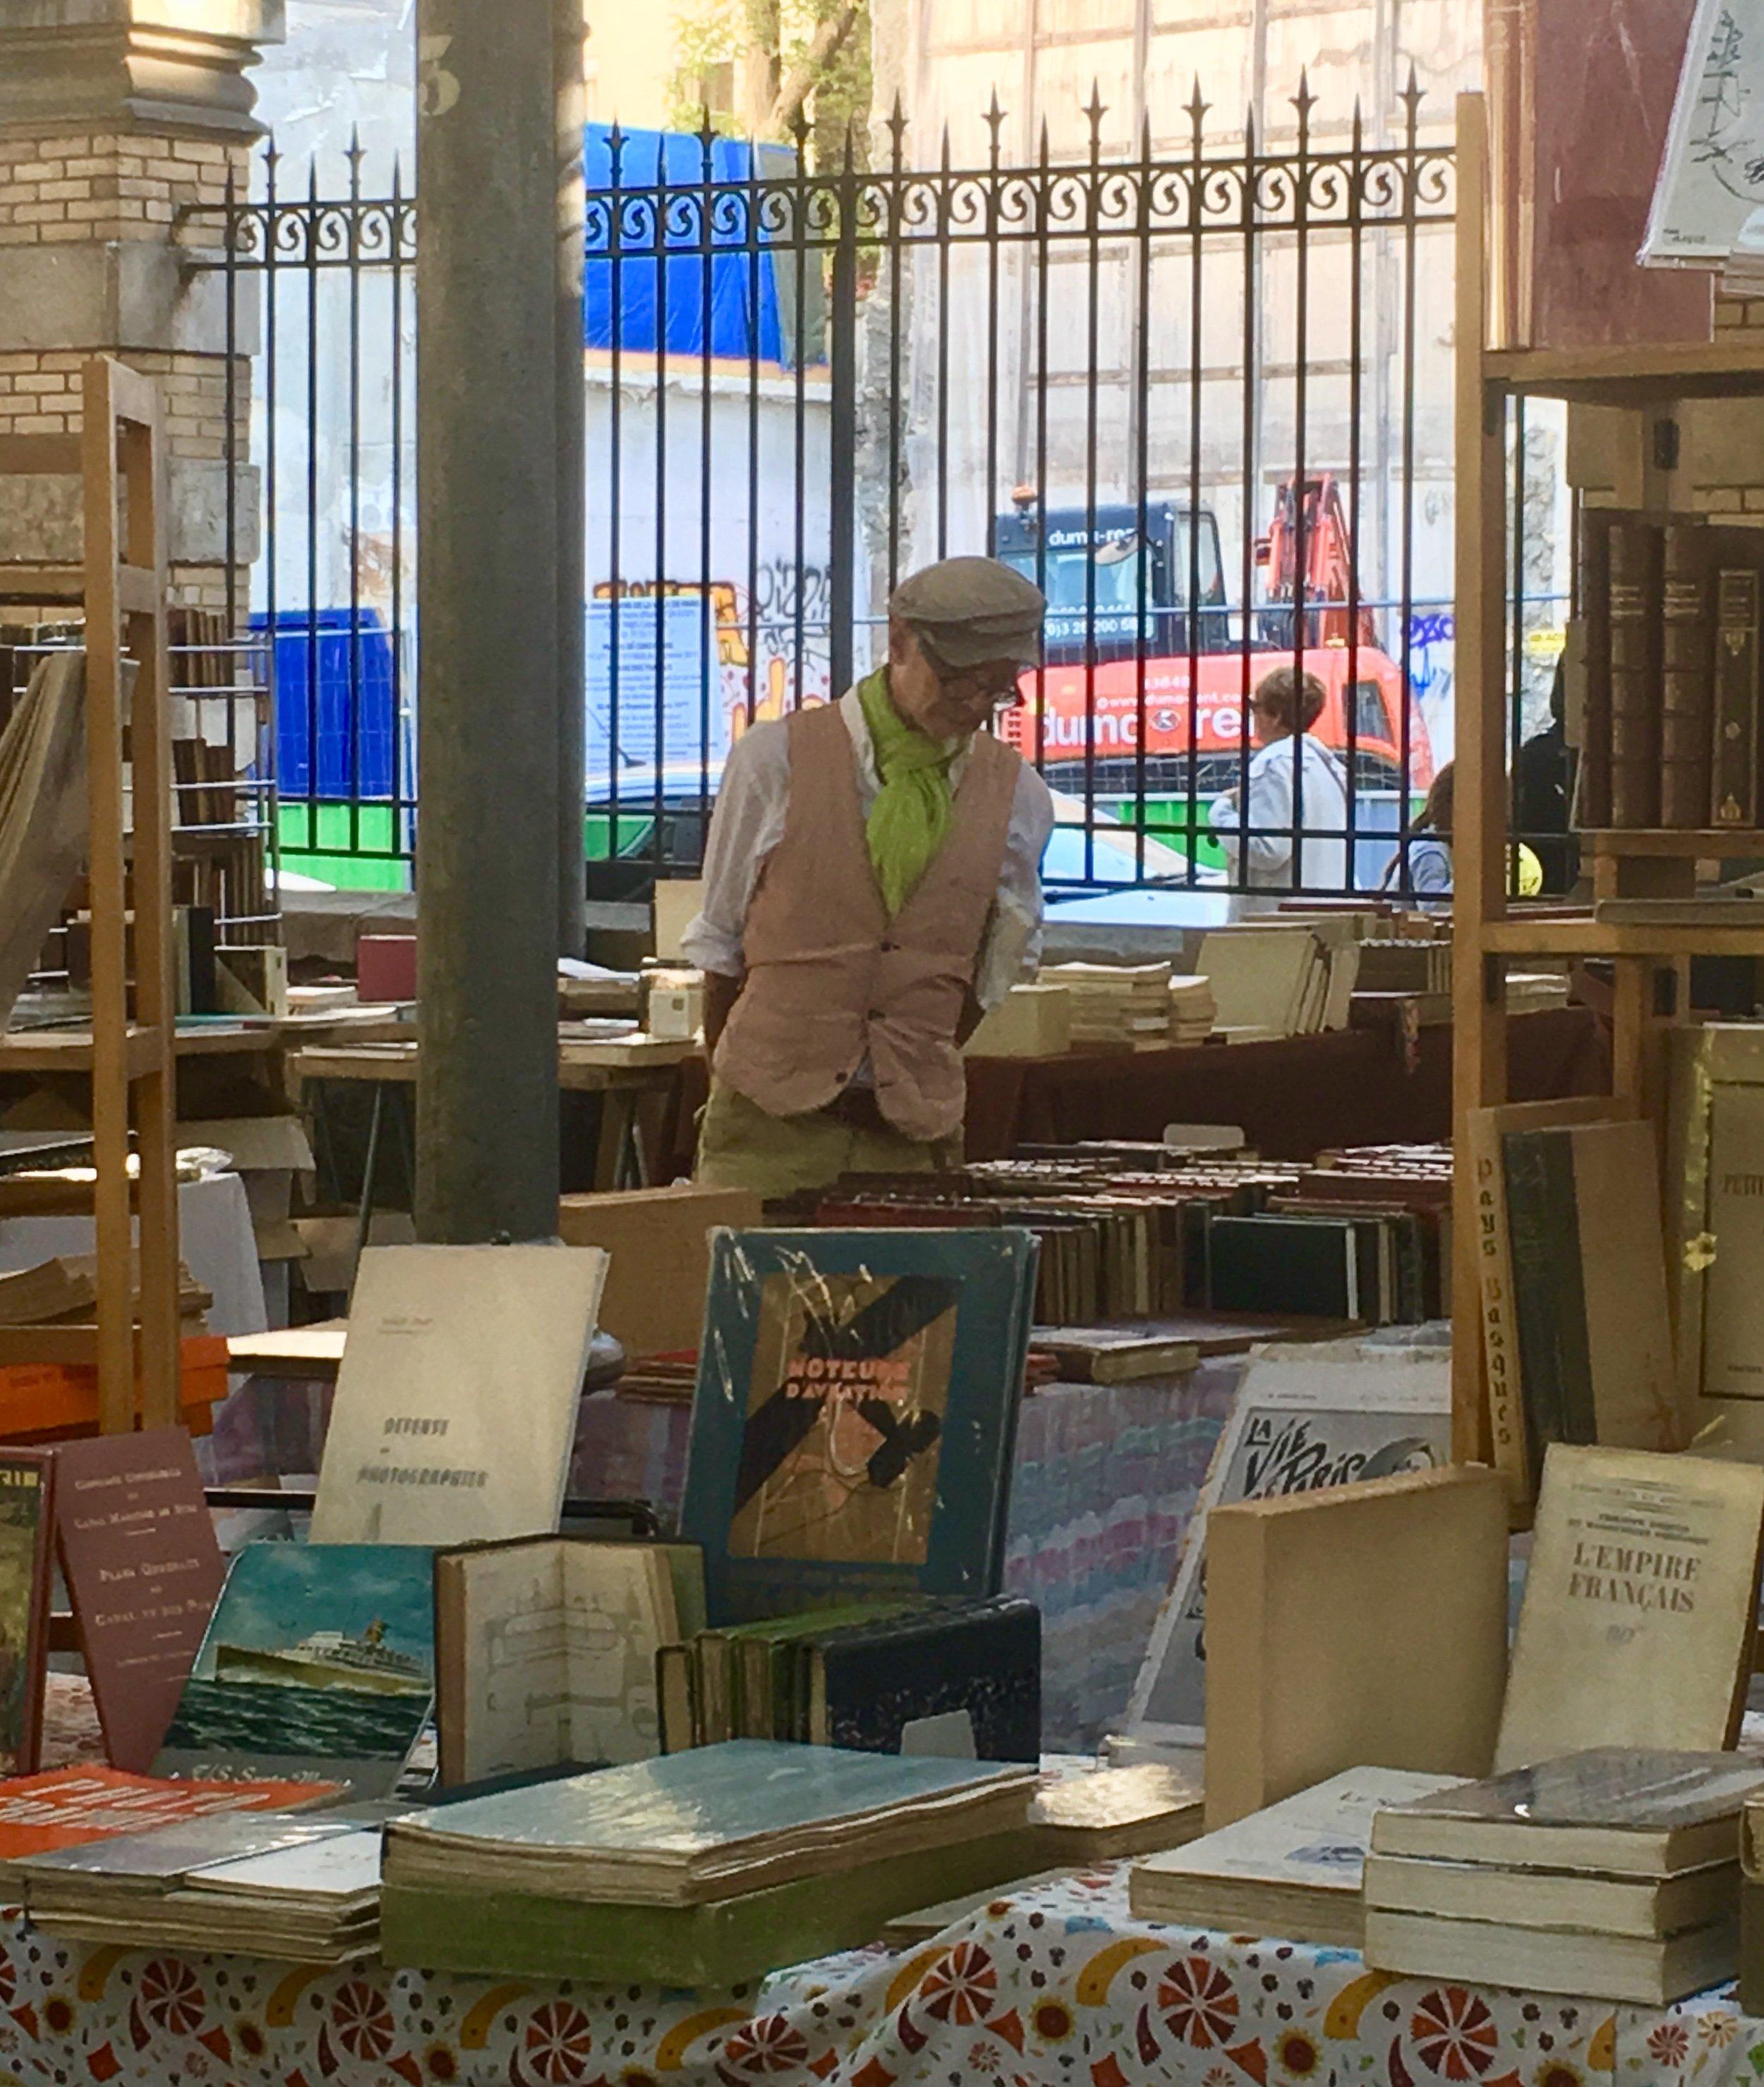 paris book shop.jpg